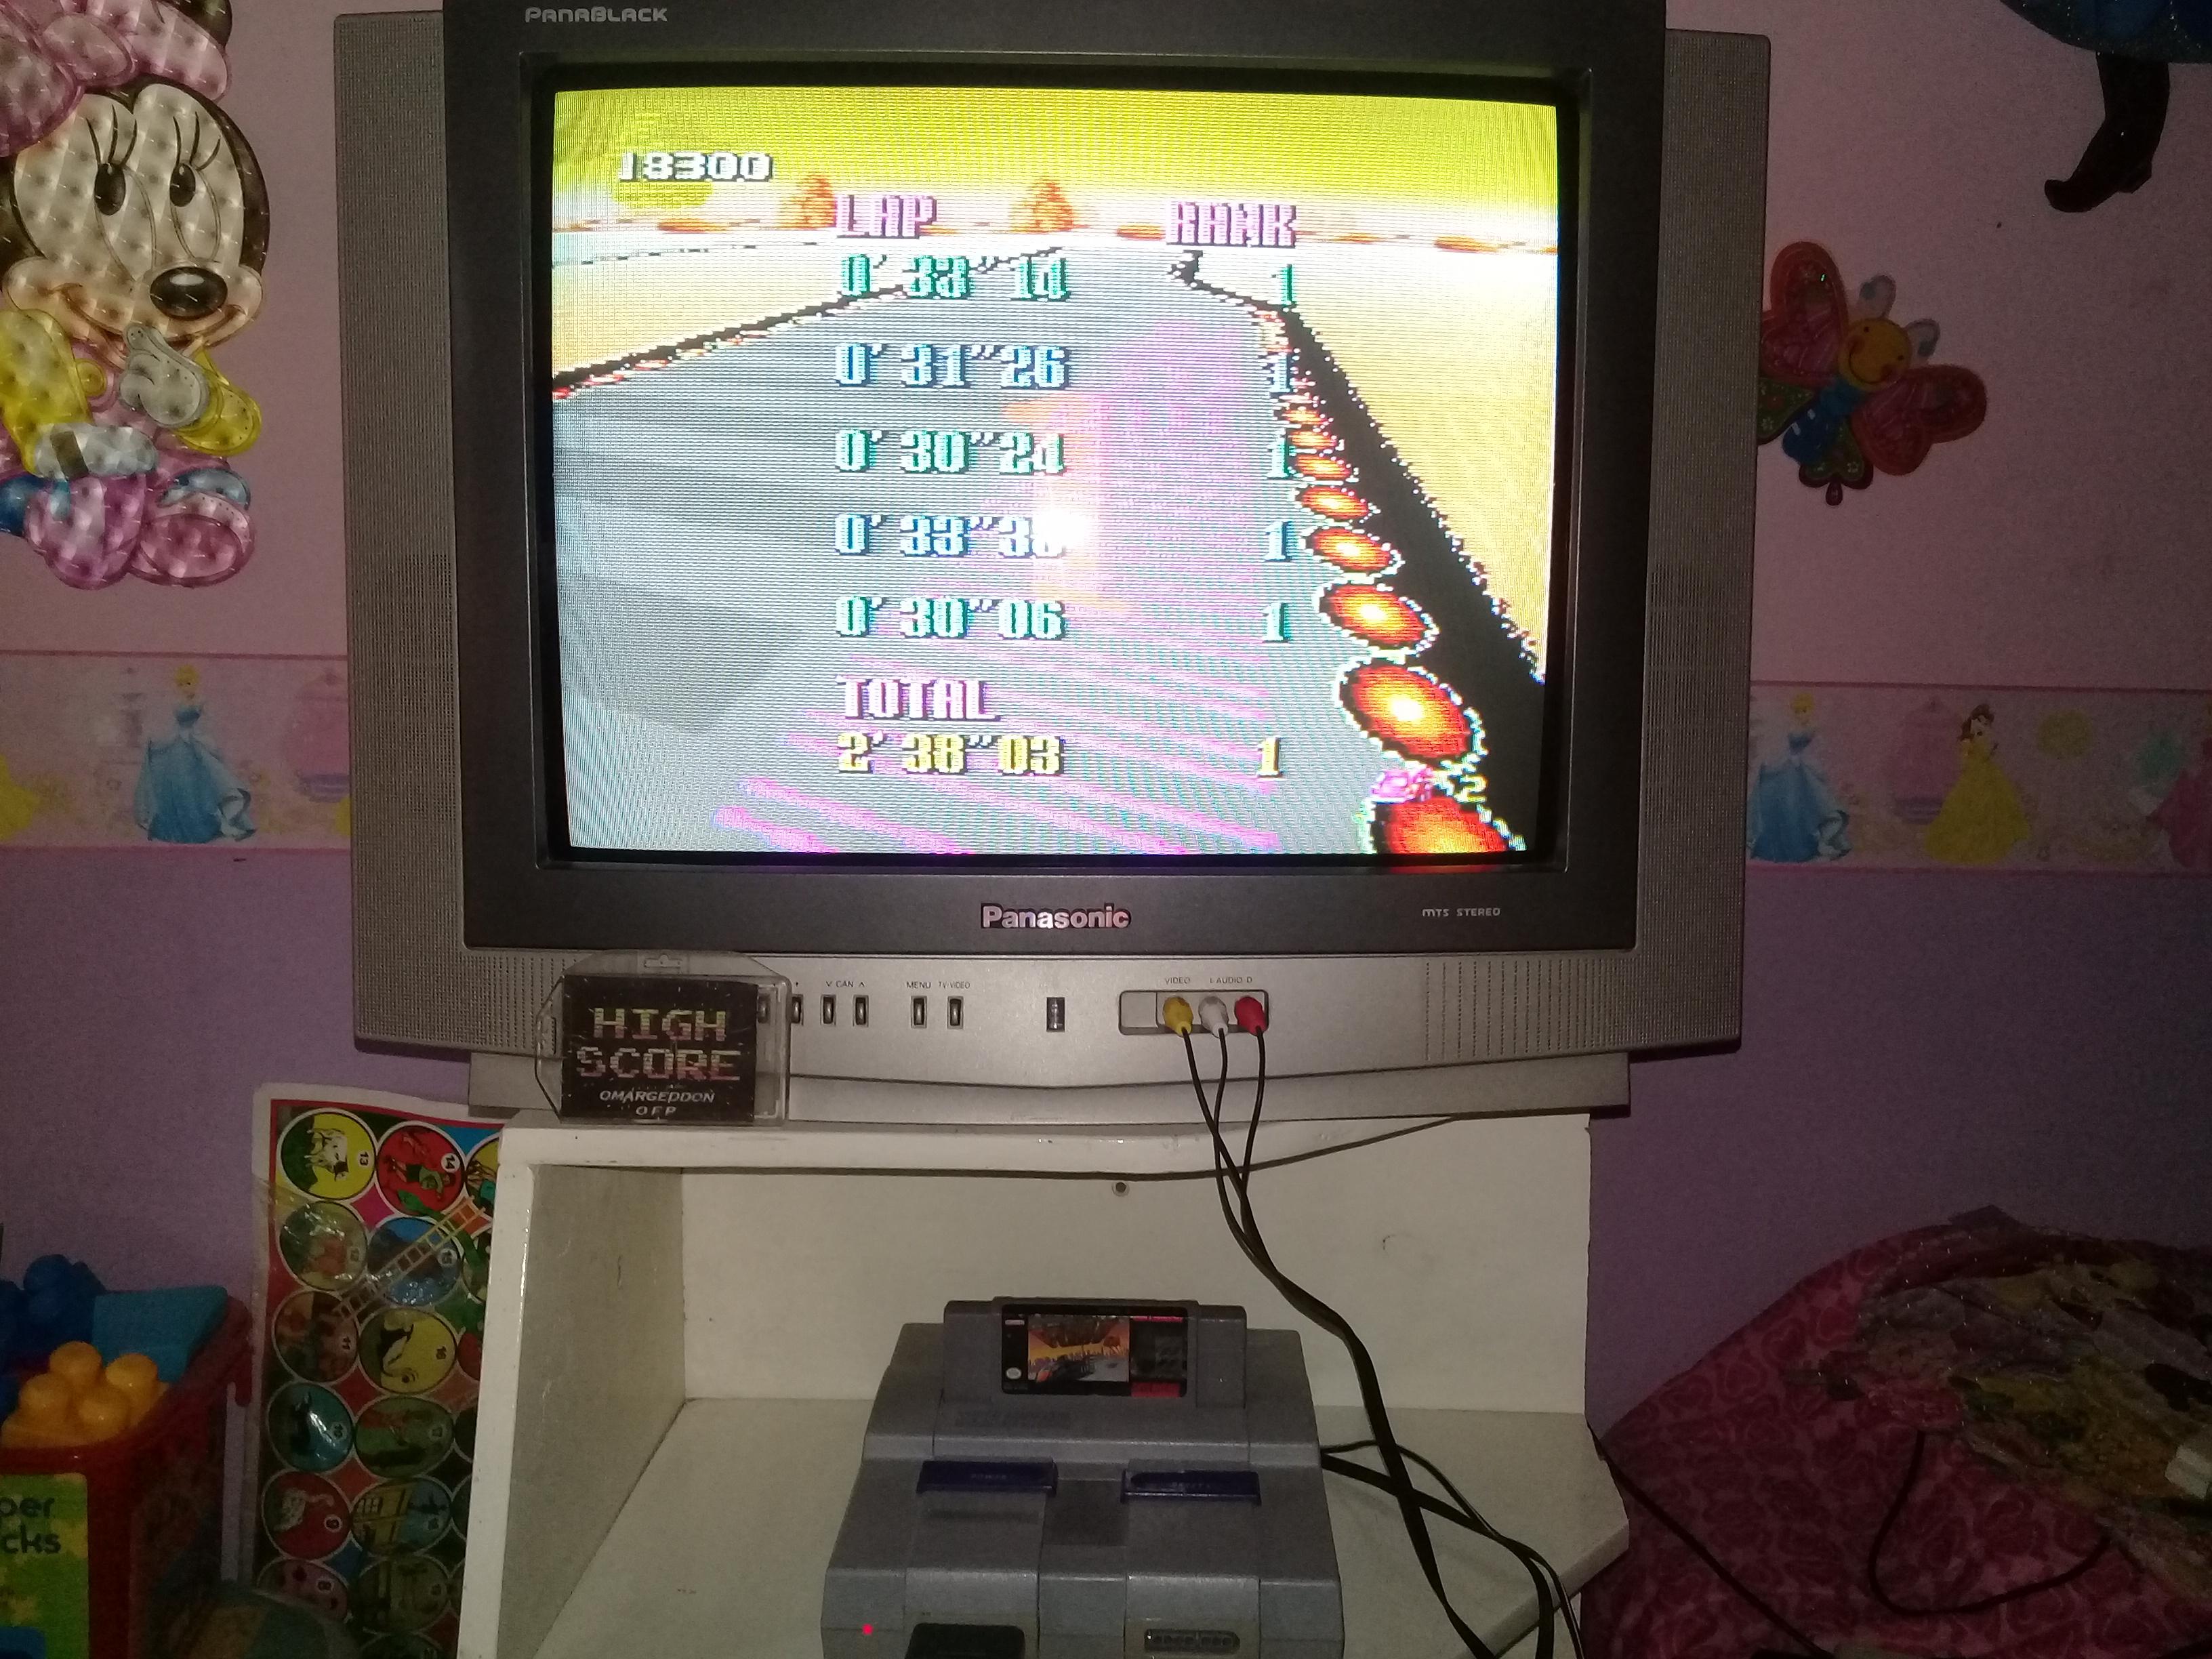 omargeddon: F-Zero: Sand Ocean [Beginner] (SNES/Super Famicom) 0:02:38.03 points on 2019-06-14 15:03:26